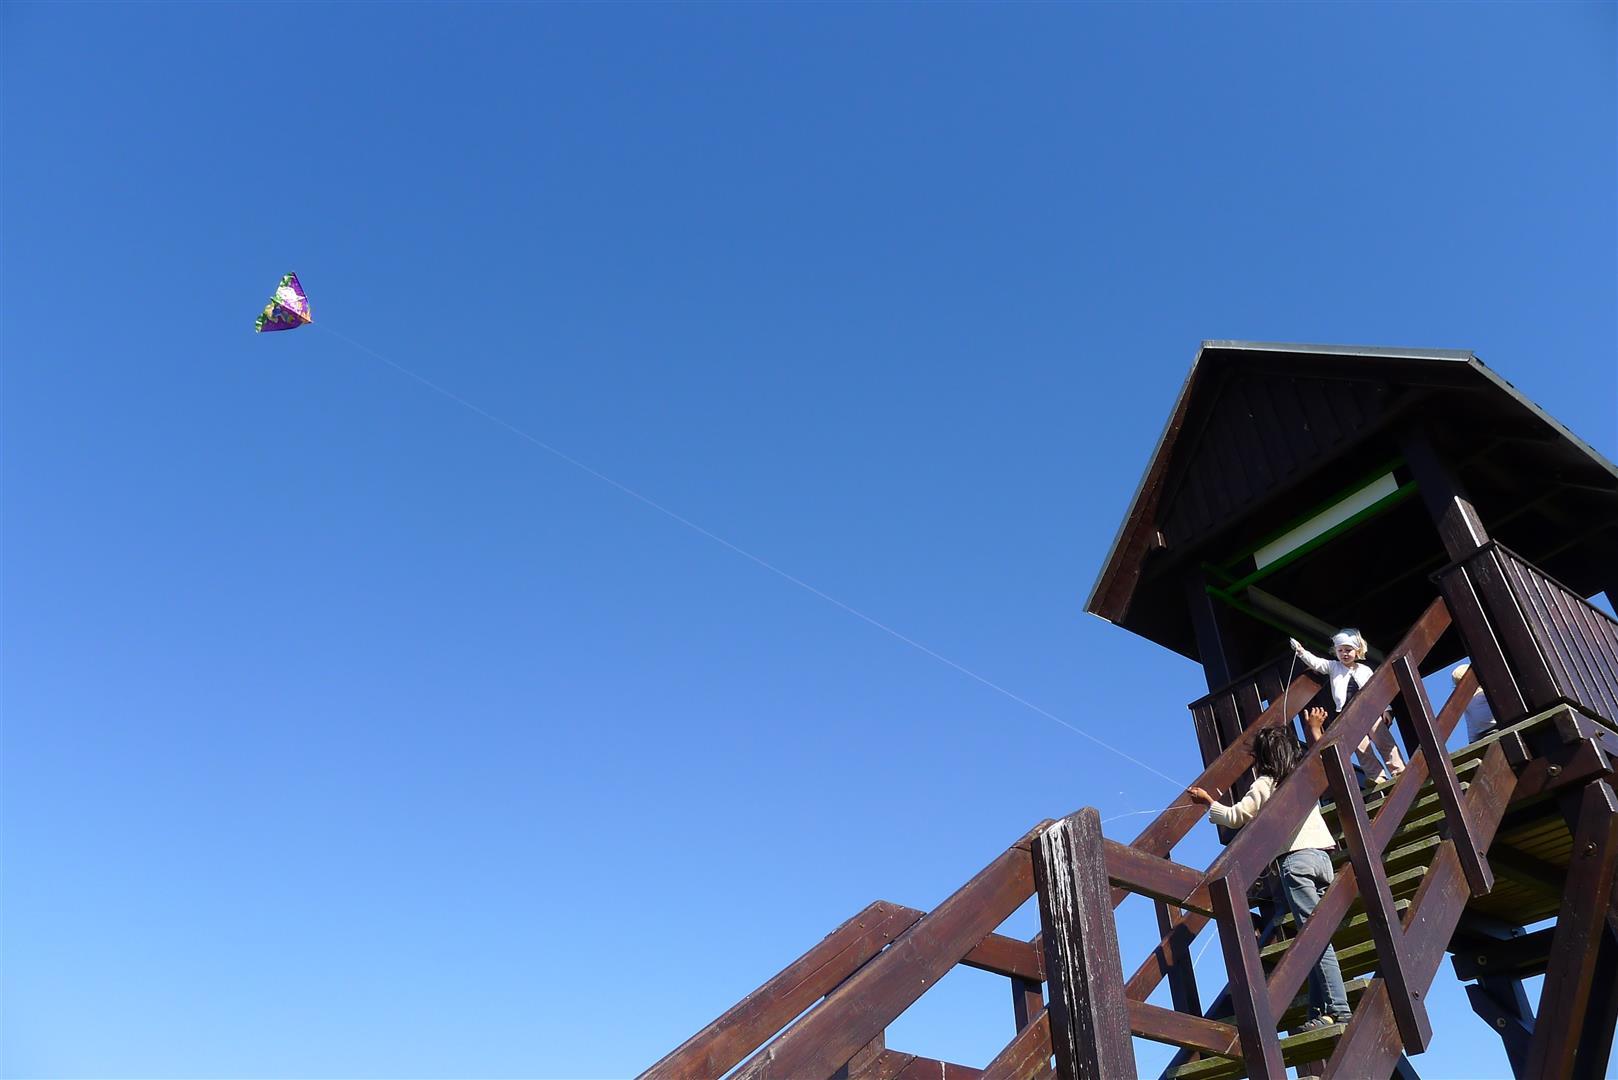 Kite tower